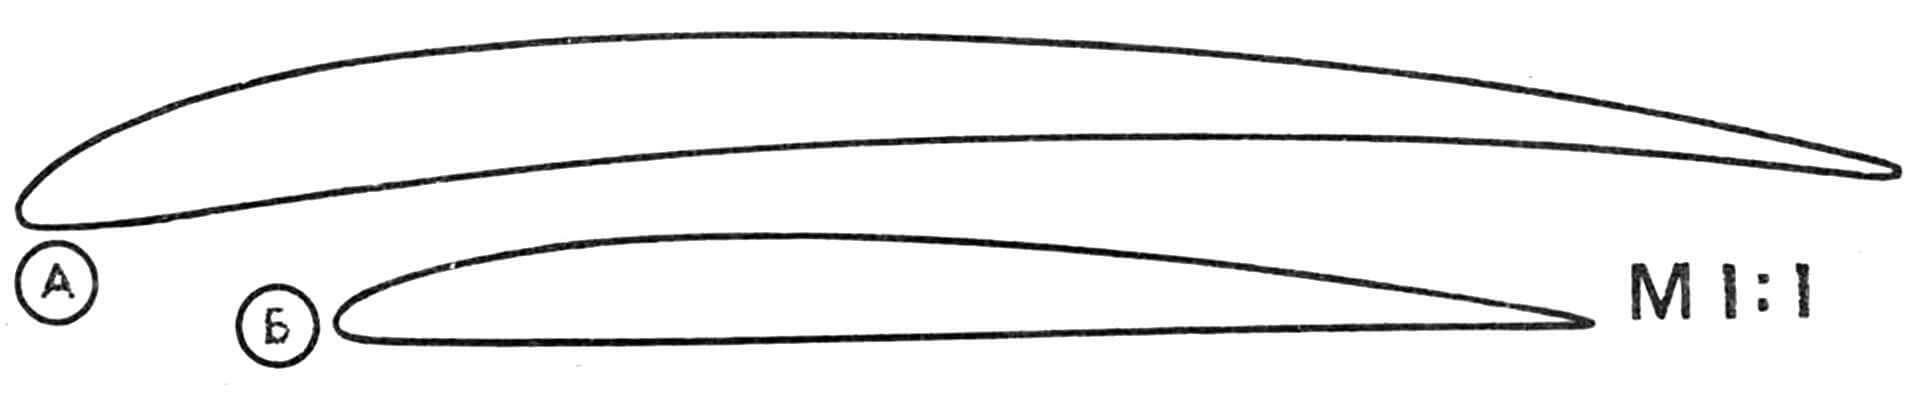 Рис. 5. Профили крыла (А) и стабилизатора (Б). Профиль косых нервюр крыла получают геометрическим построением.